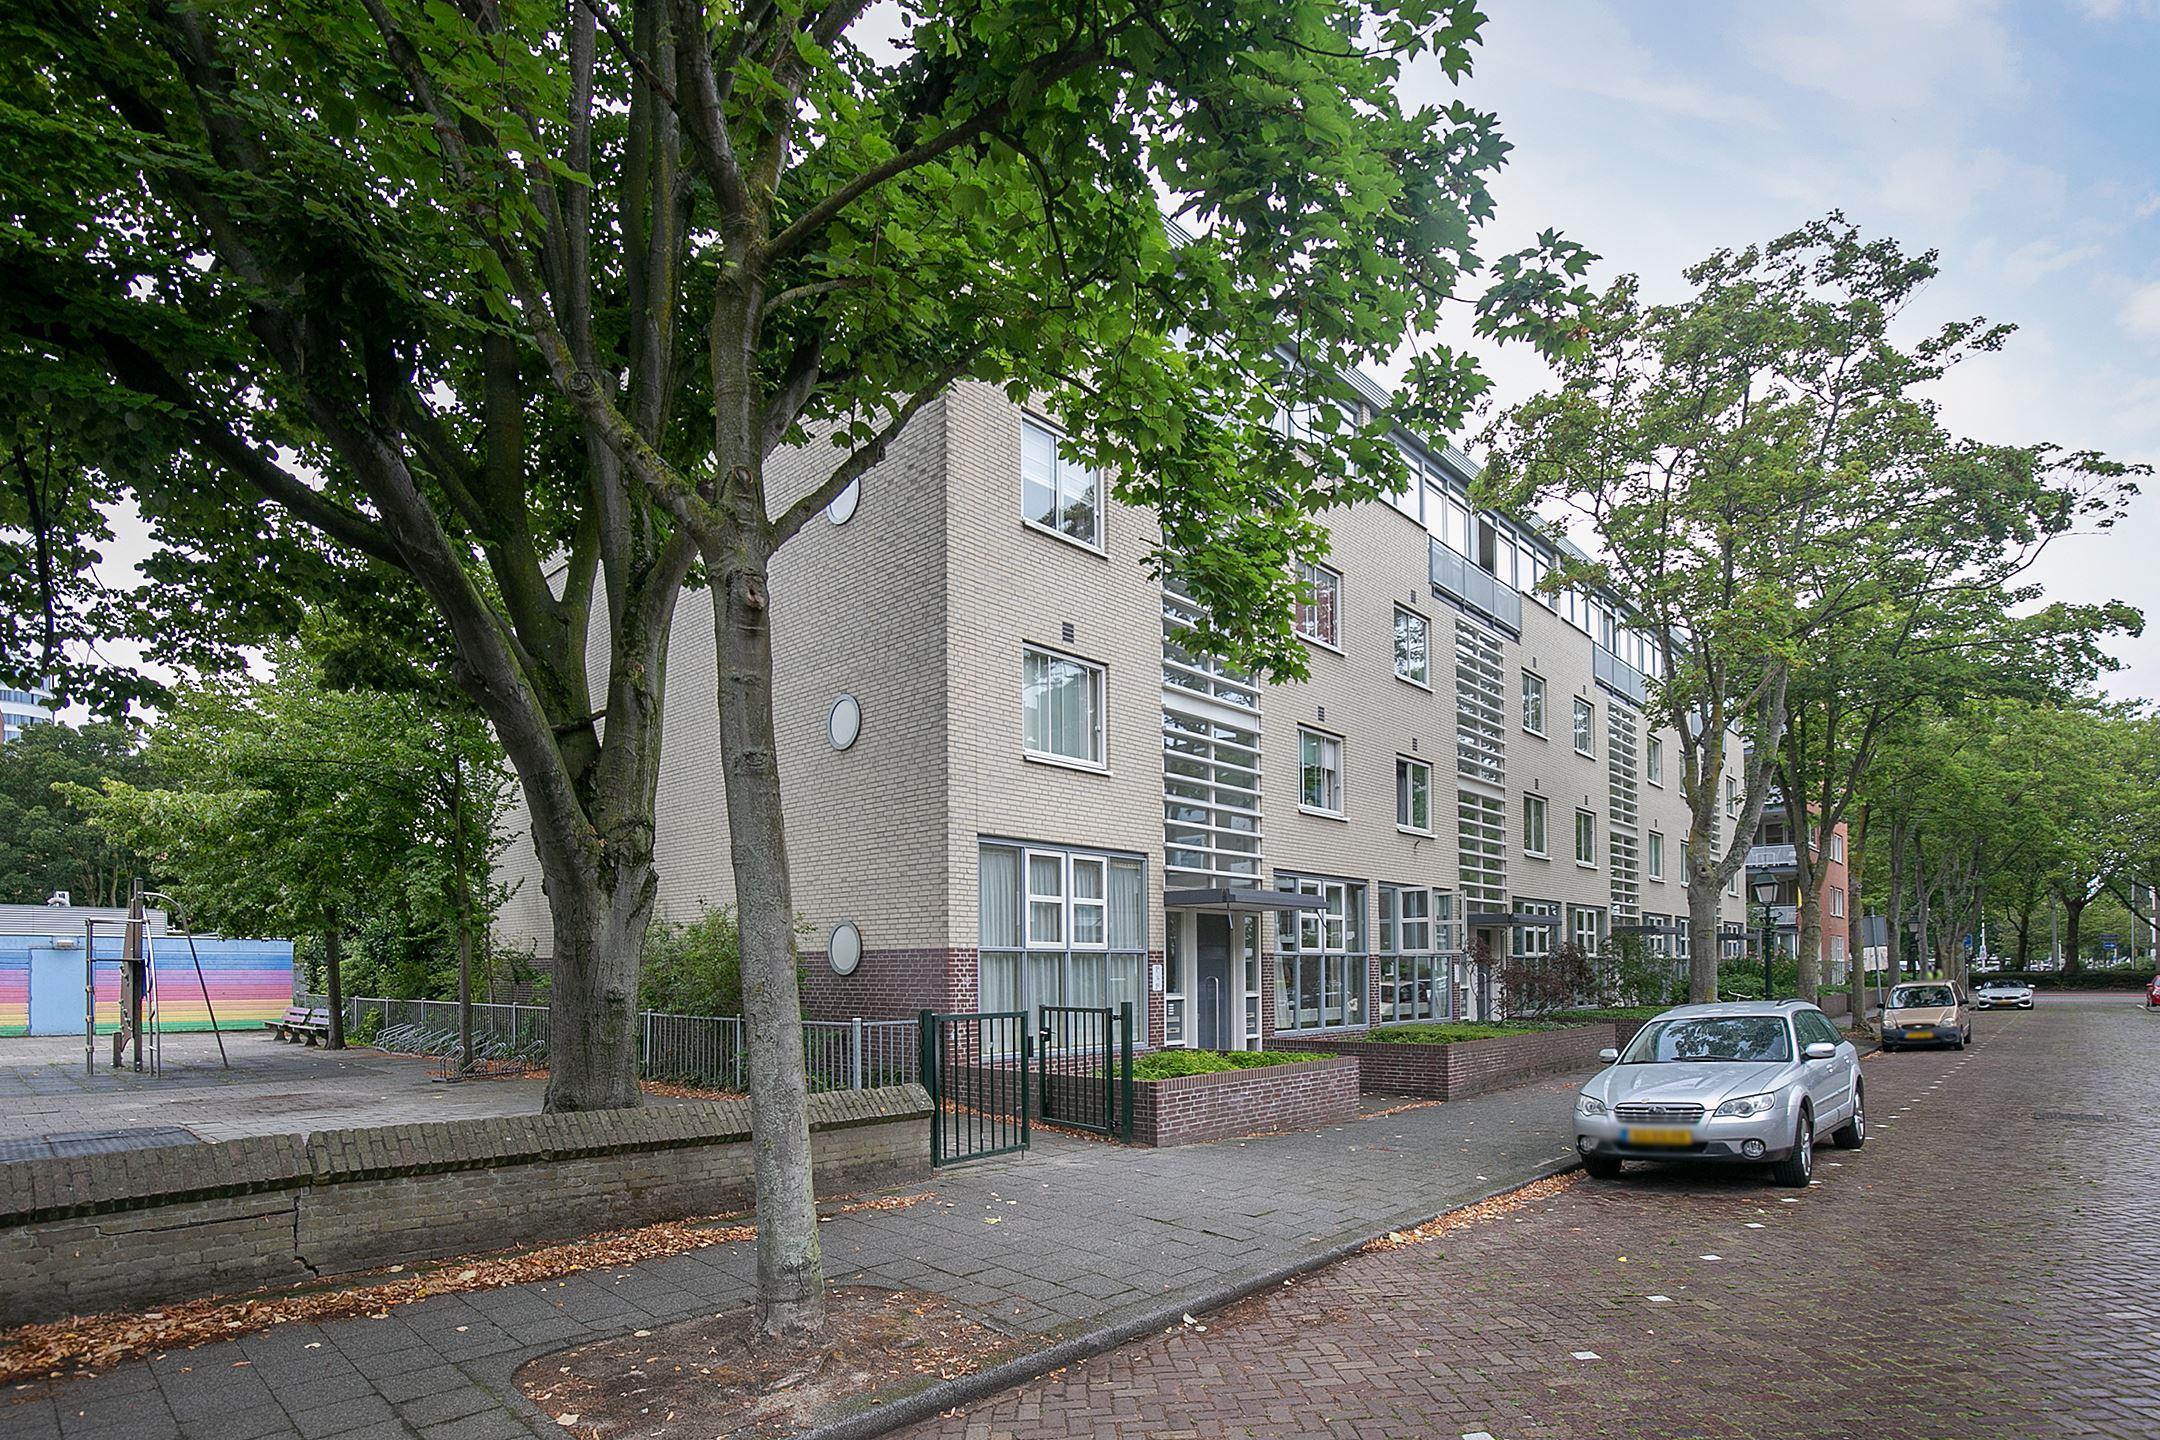 fraai gelegen 2-laags maisonnette woning van ca. 116 m2 met 3 slaapkamers, ruim balkon/terras op het ZW, eigen berging en 2 beschikbare parkeerplaatsen in de afgesloten parkeergarage in Den Haag